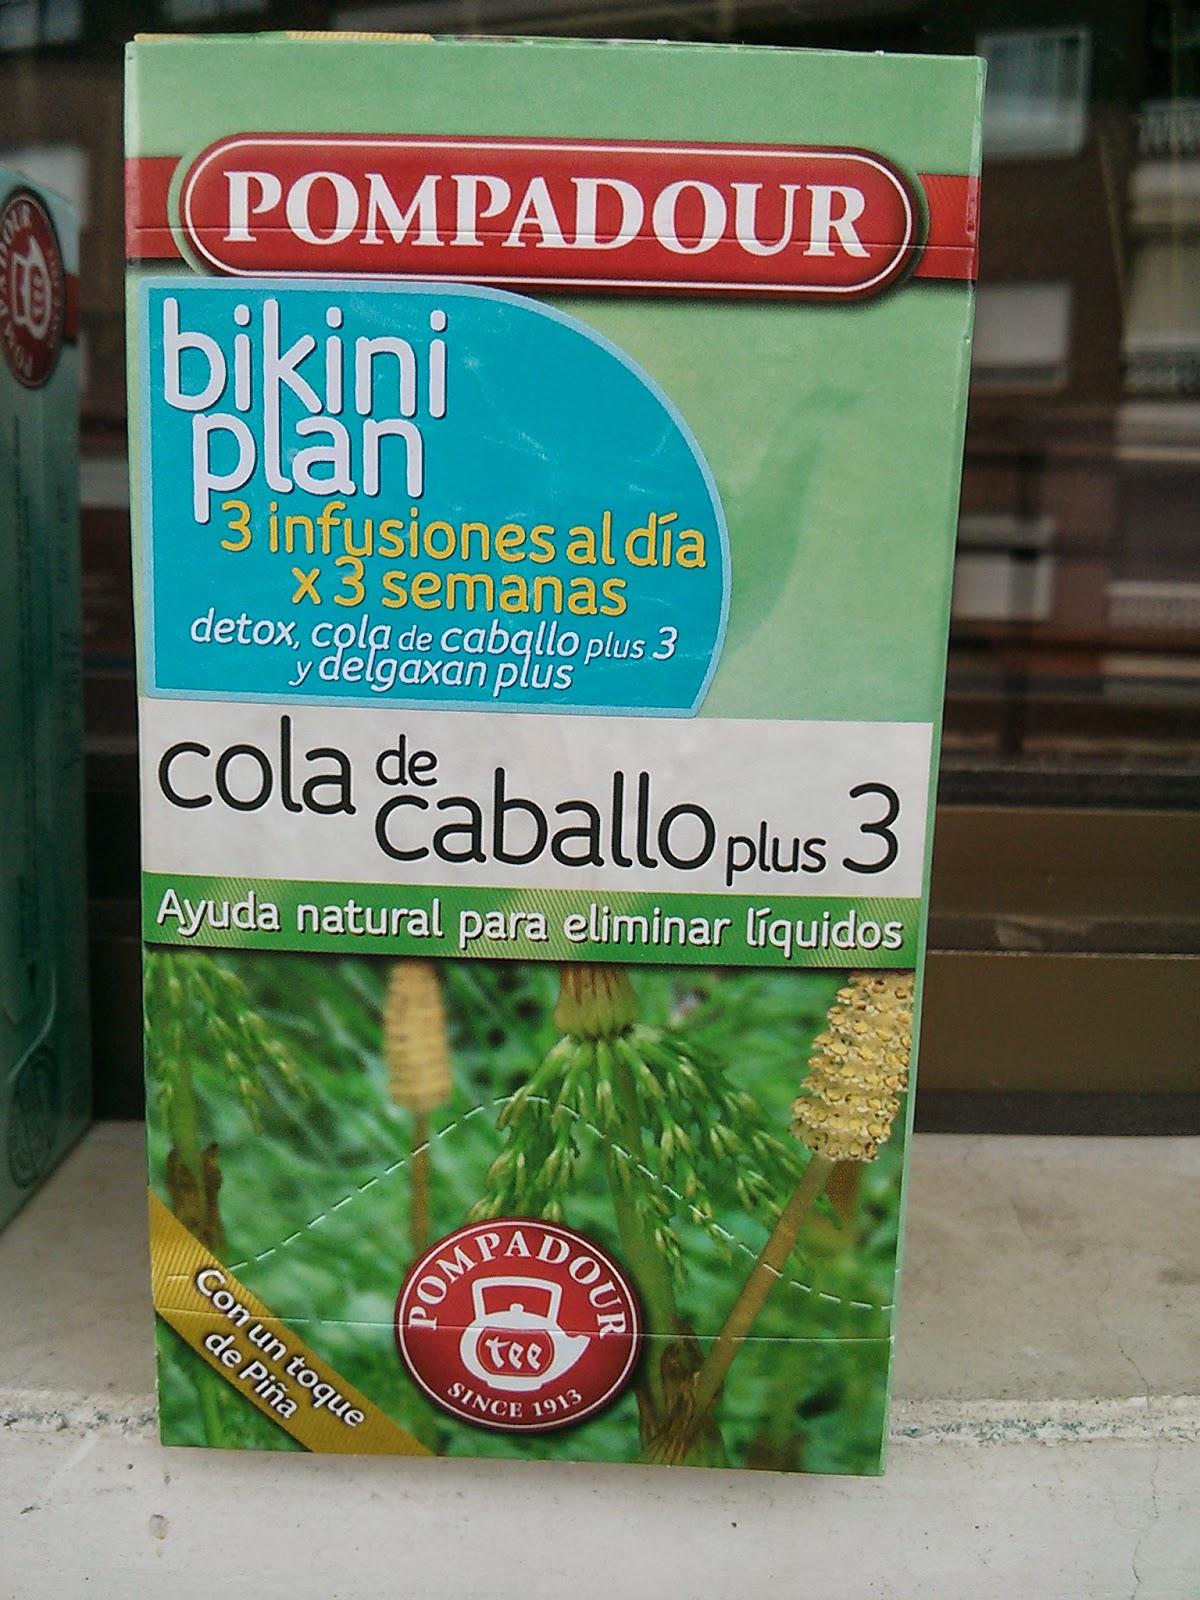 Cola de Caballo Plus 3 pompadour